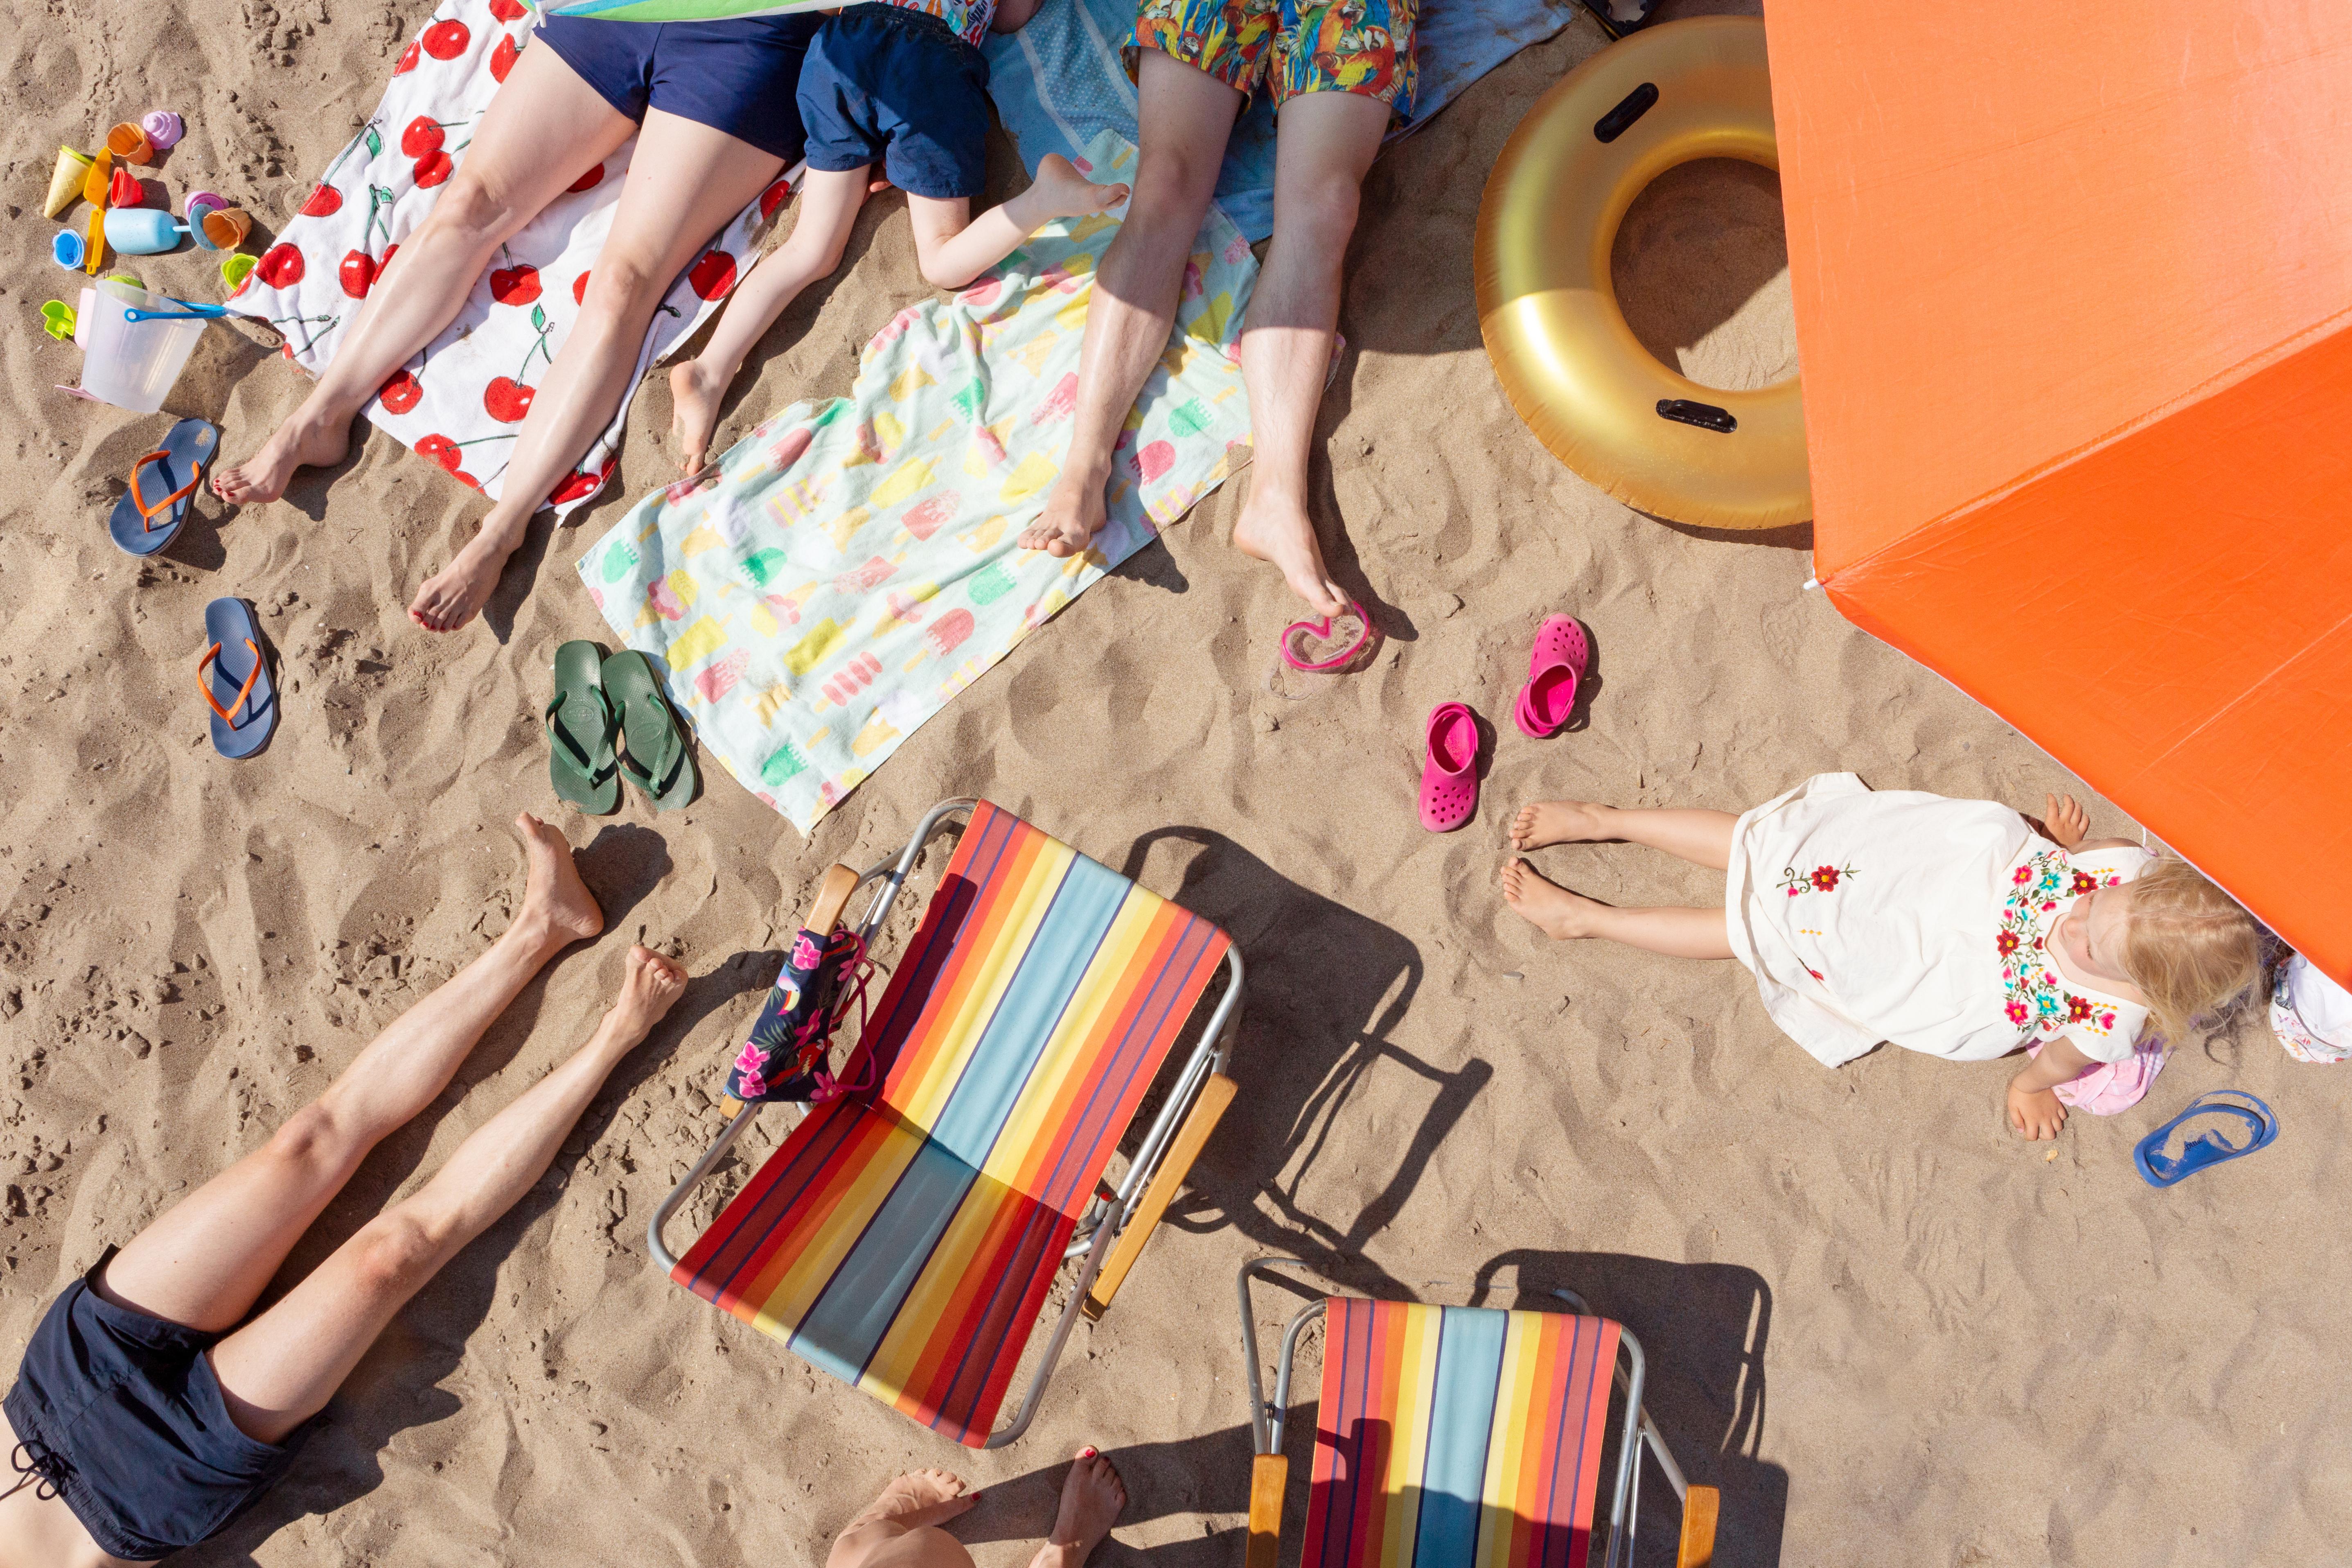 Mehr Schweizerinnen und Schweizer als noch vor einigen Wochen wollen ihre Sommerferien im Ausland verbringen – viele zieht es nach Griechenland, Zypern oder auf die Kanaren. (Bild: Lubitz + Dorner / www.plainpicture.com)